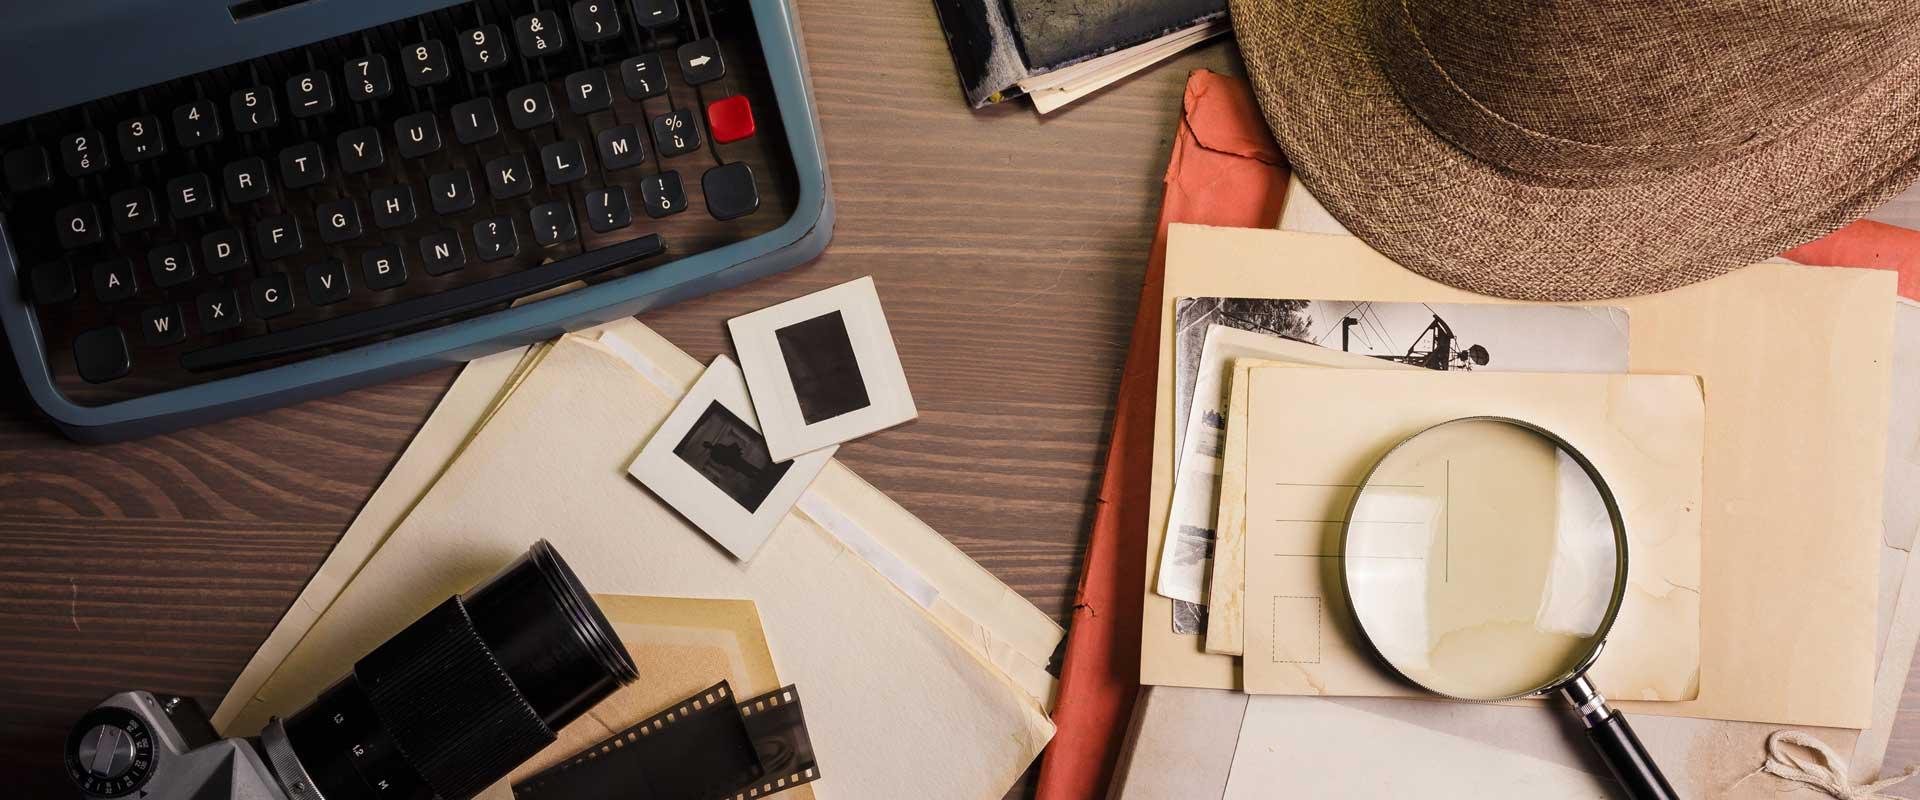 Detektiv-Stilleben als Motiv zur Marktforschungsstudie über investigativen Journalismus